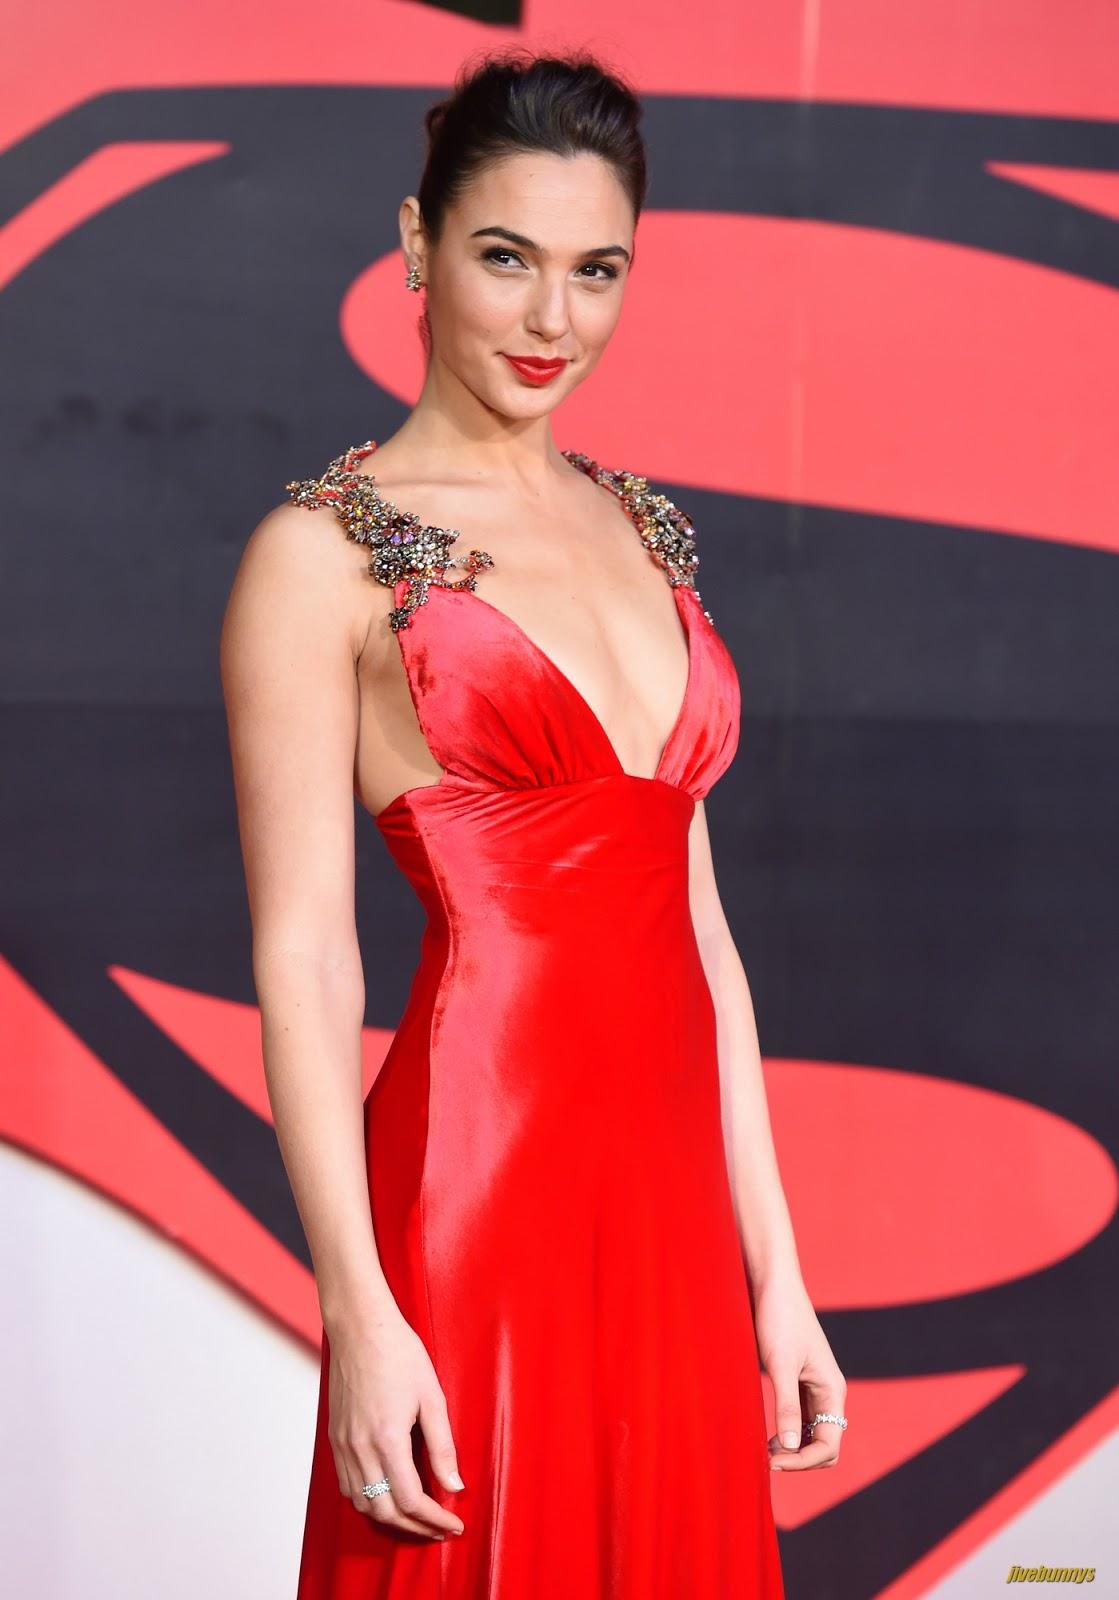 hot actress gal gadot - photo #24